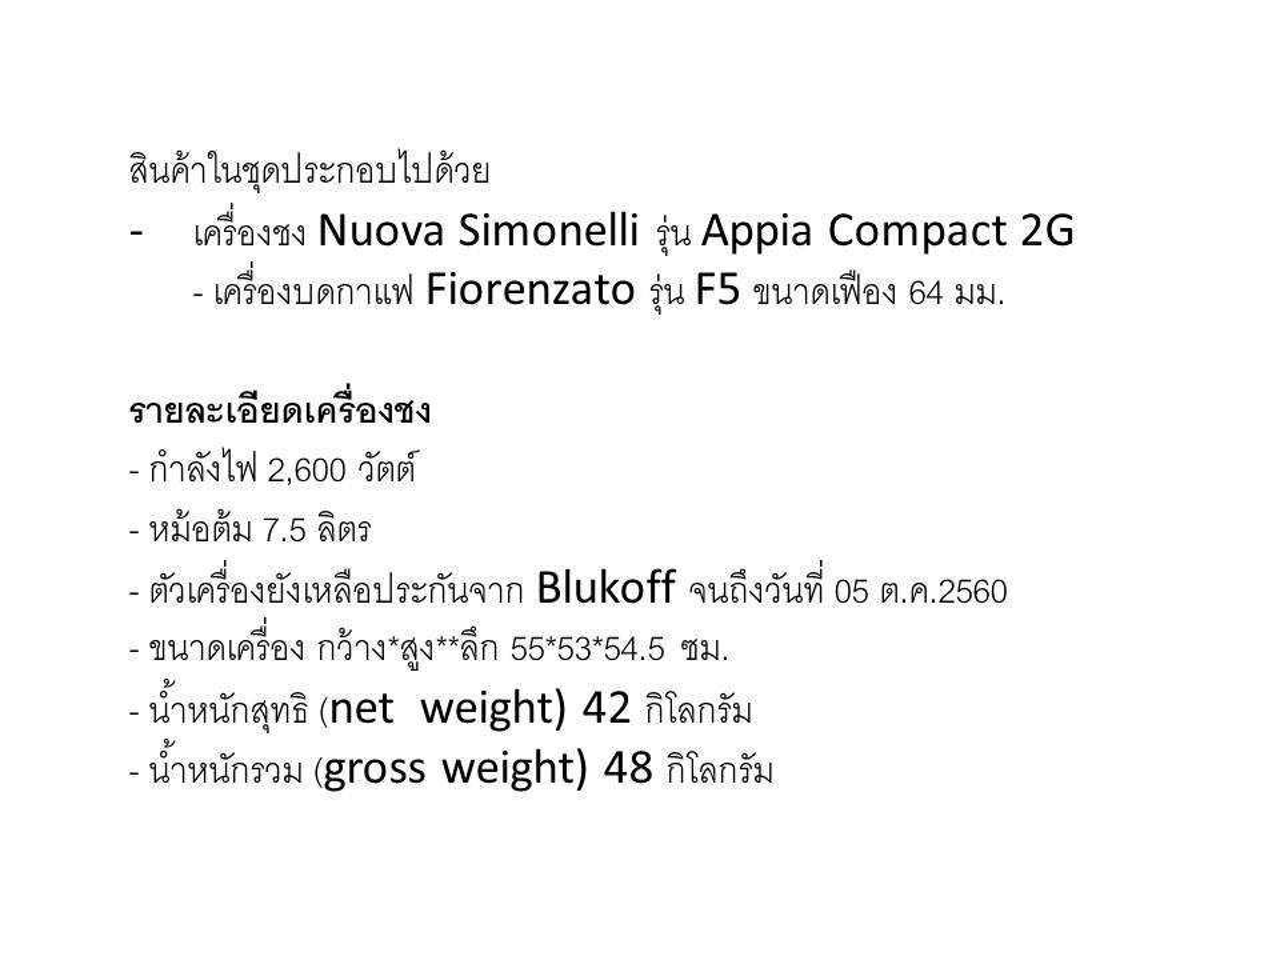 ขายเครื่องชงกาแฟมือ 2 สภาพใหม่มากกกก Nuova Simonelli Appia Compact 2 GR. + Fiorenzato F5 รูปที่ 3